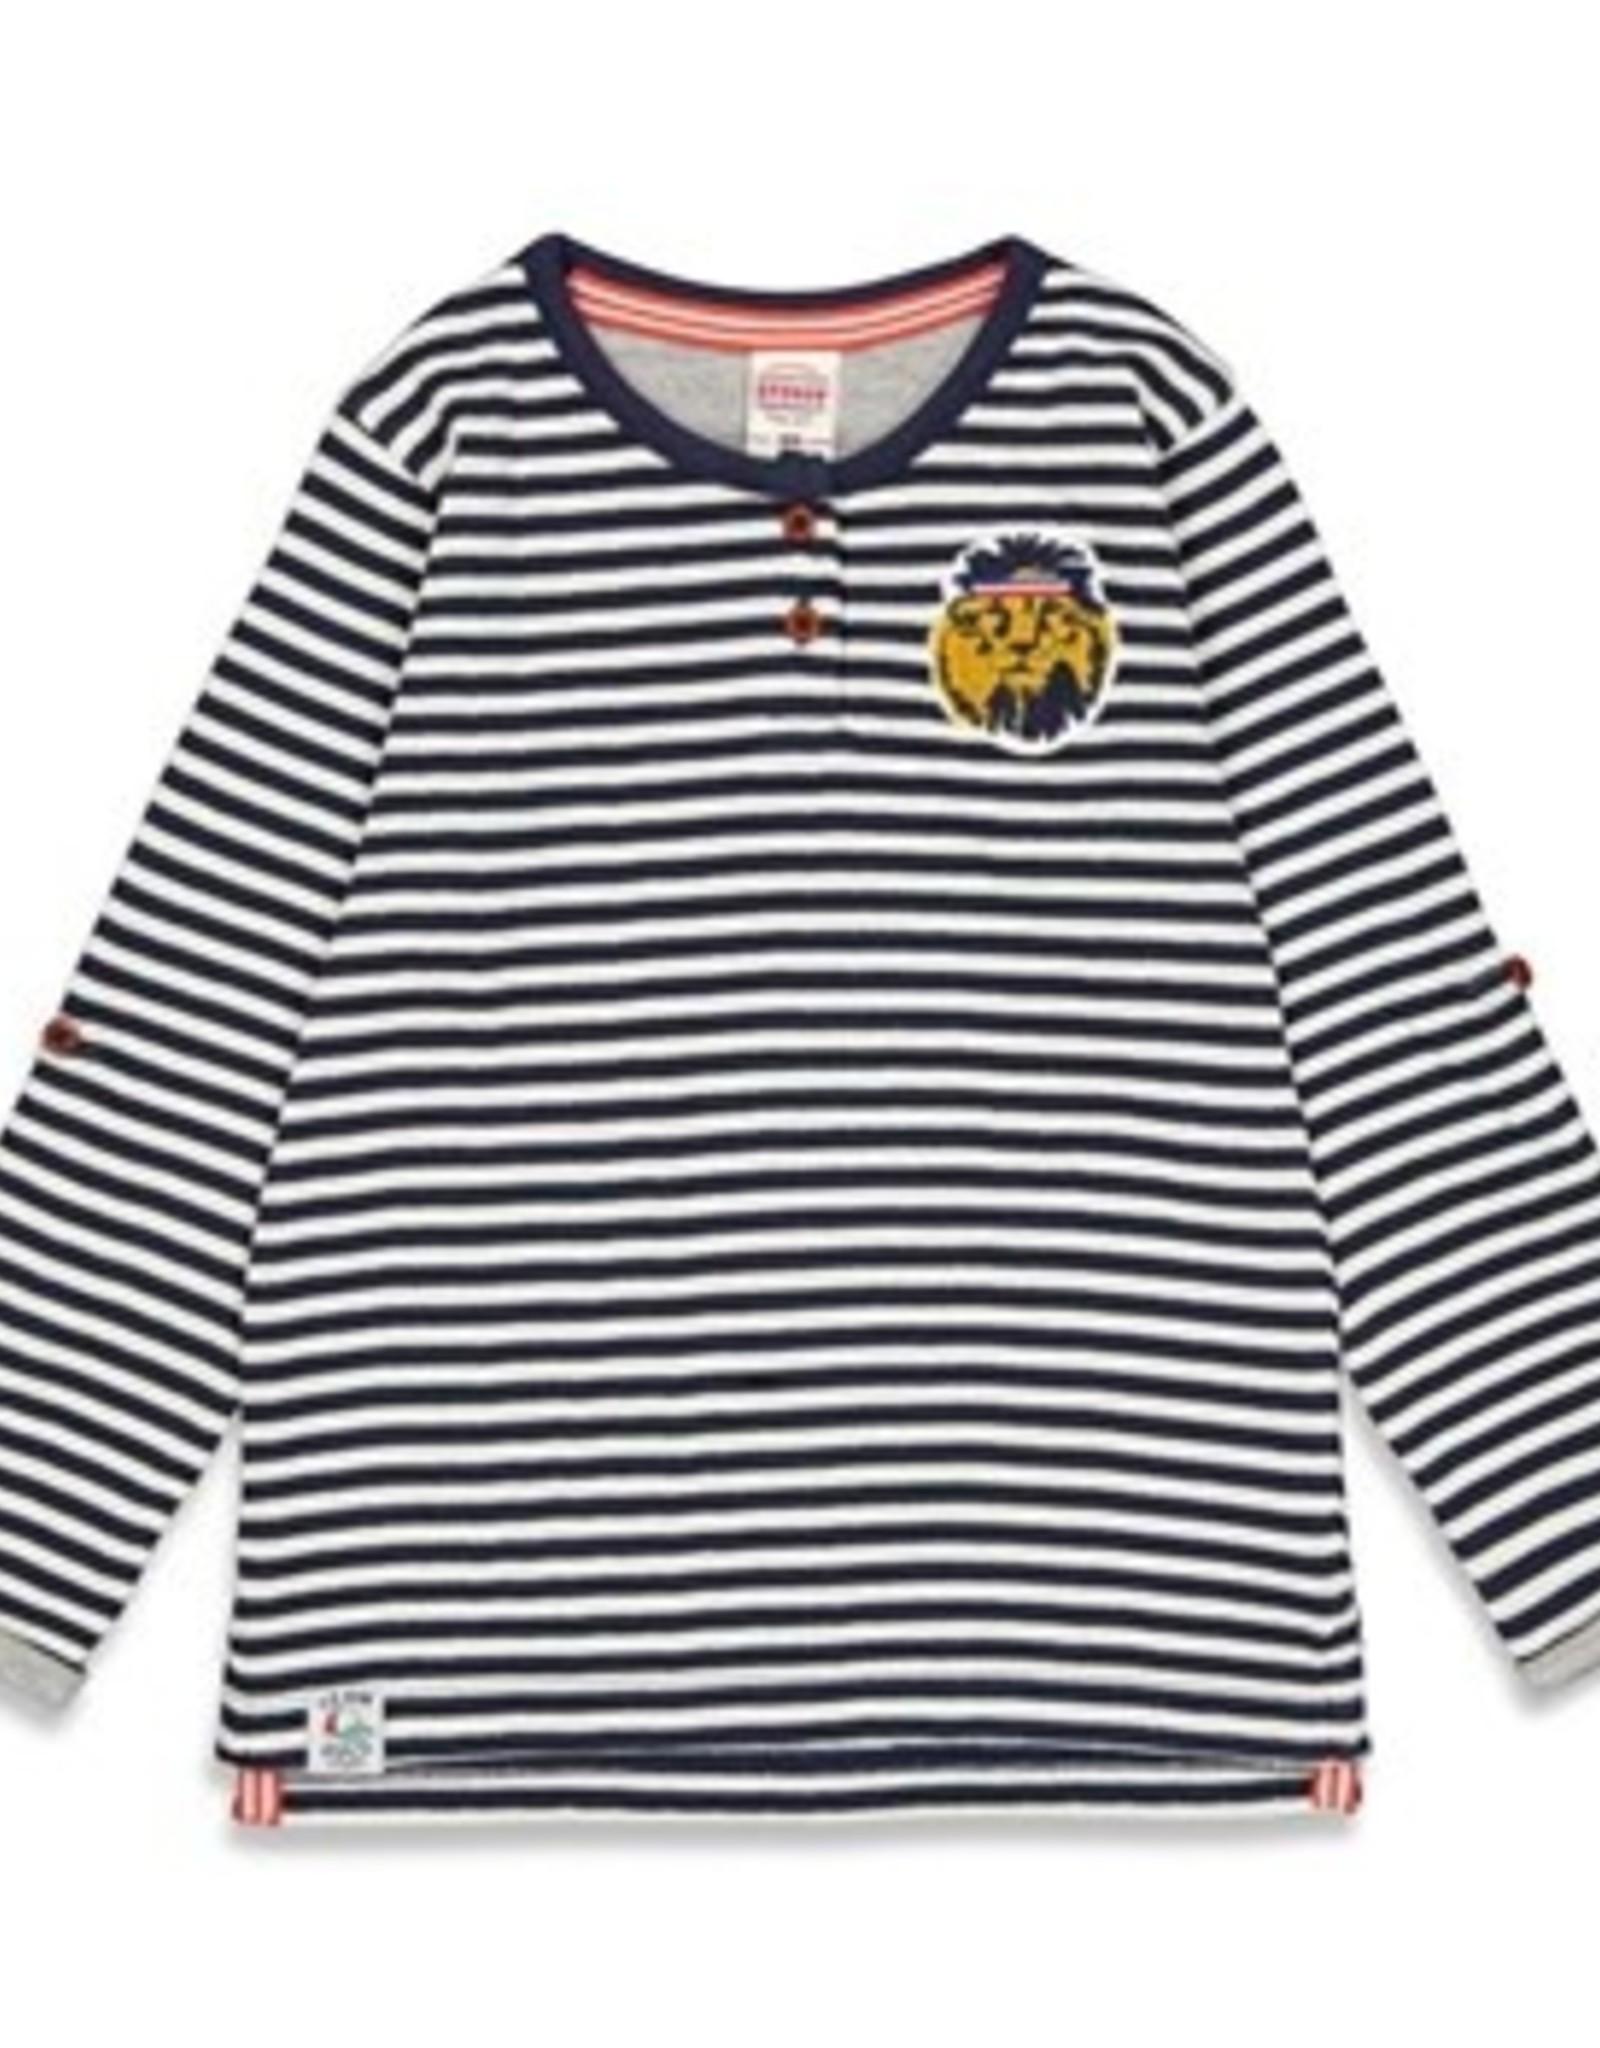 Sturdy Sturdy wit/navy gestreept t-shirt met lange mouwen